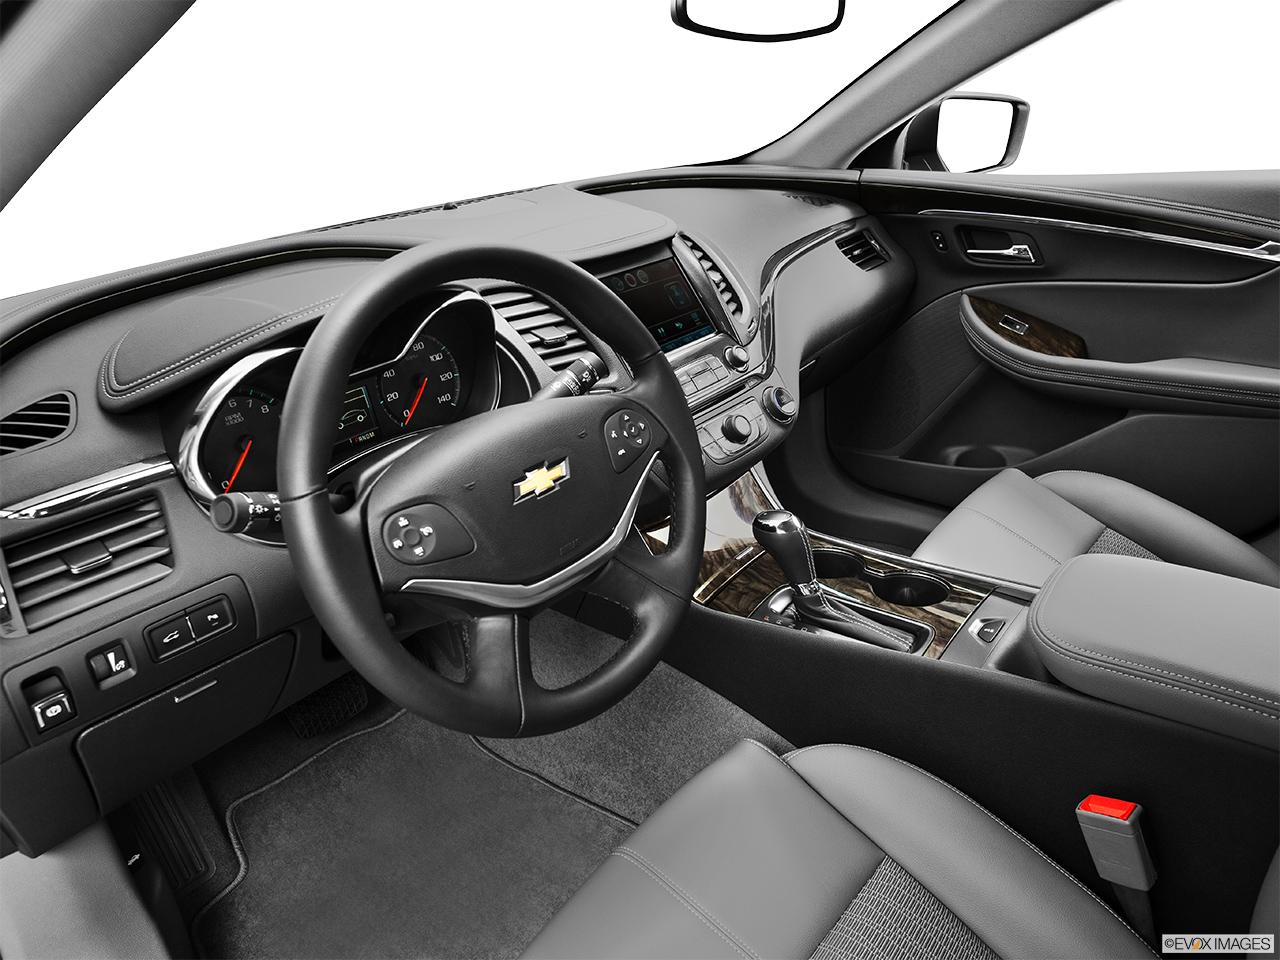 Chevy Impala Ltz Black Location Austin Tx Chevrolet Impala Ltz In Austin With Chevy Impala Ltz